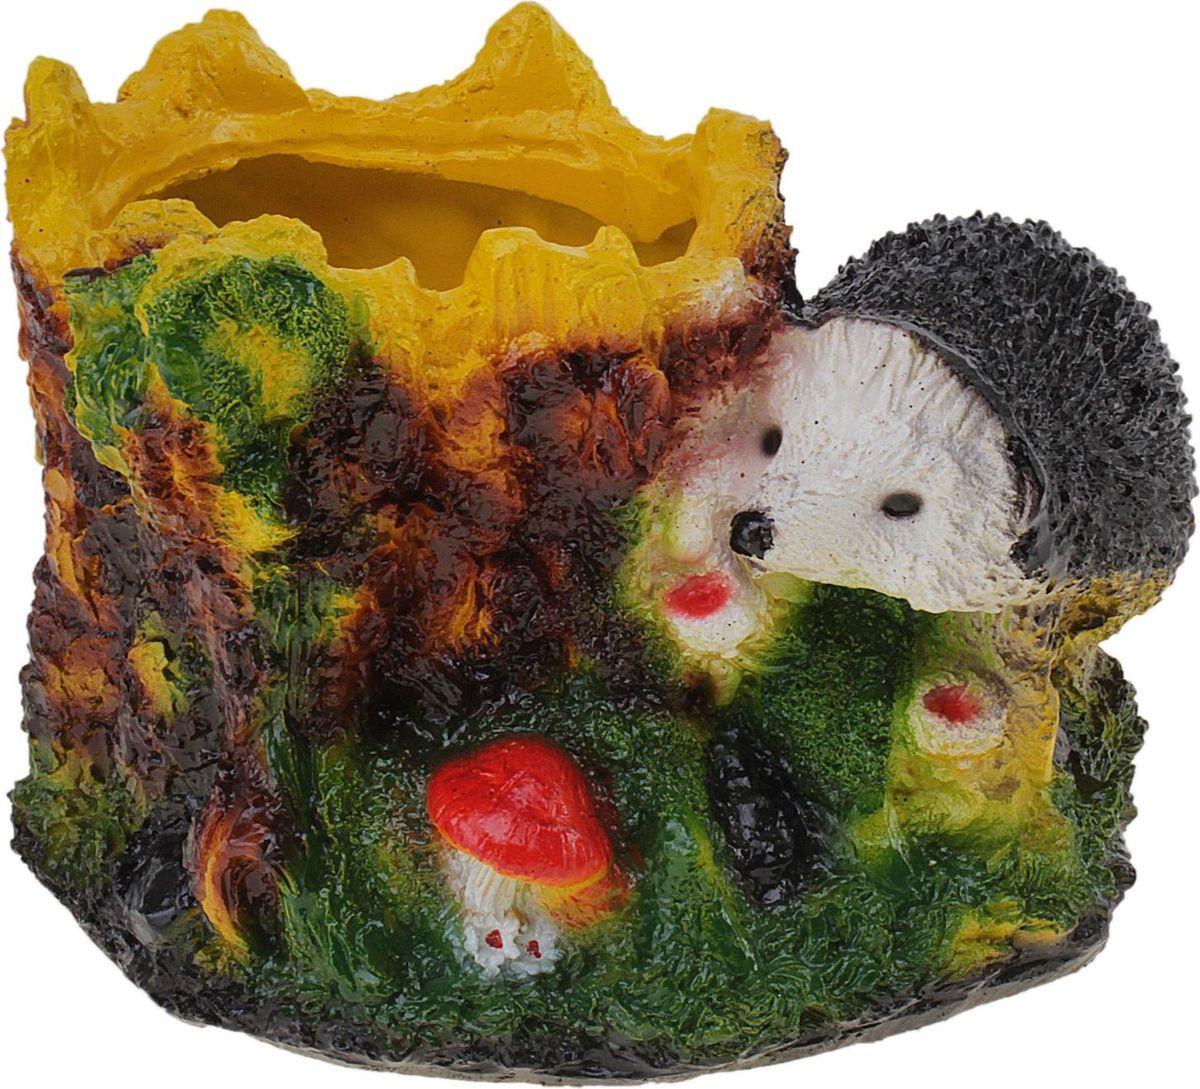 Кашпо Еж, 21 х 24 х 17 см628375Комнатные растения — всеобщие любимцы. Они радуют глаз, насыщают помещение кислородом и украшают пространство. Каждому из растений необходим свой удобный и красивый дом. Поселите зеленого питомца в яркое и оригинальное фигурное кашпо. Выберите подходящую форму для детской, спальни, гостиной, балкона, офиса или террасы. позаботится о растении, украсит окружающее пространство и подчеркнет его оригинальный стиль.